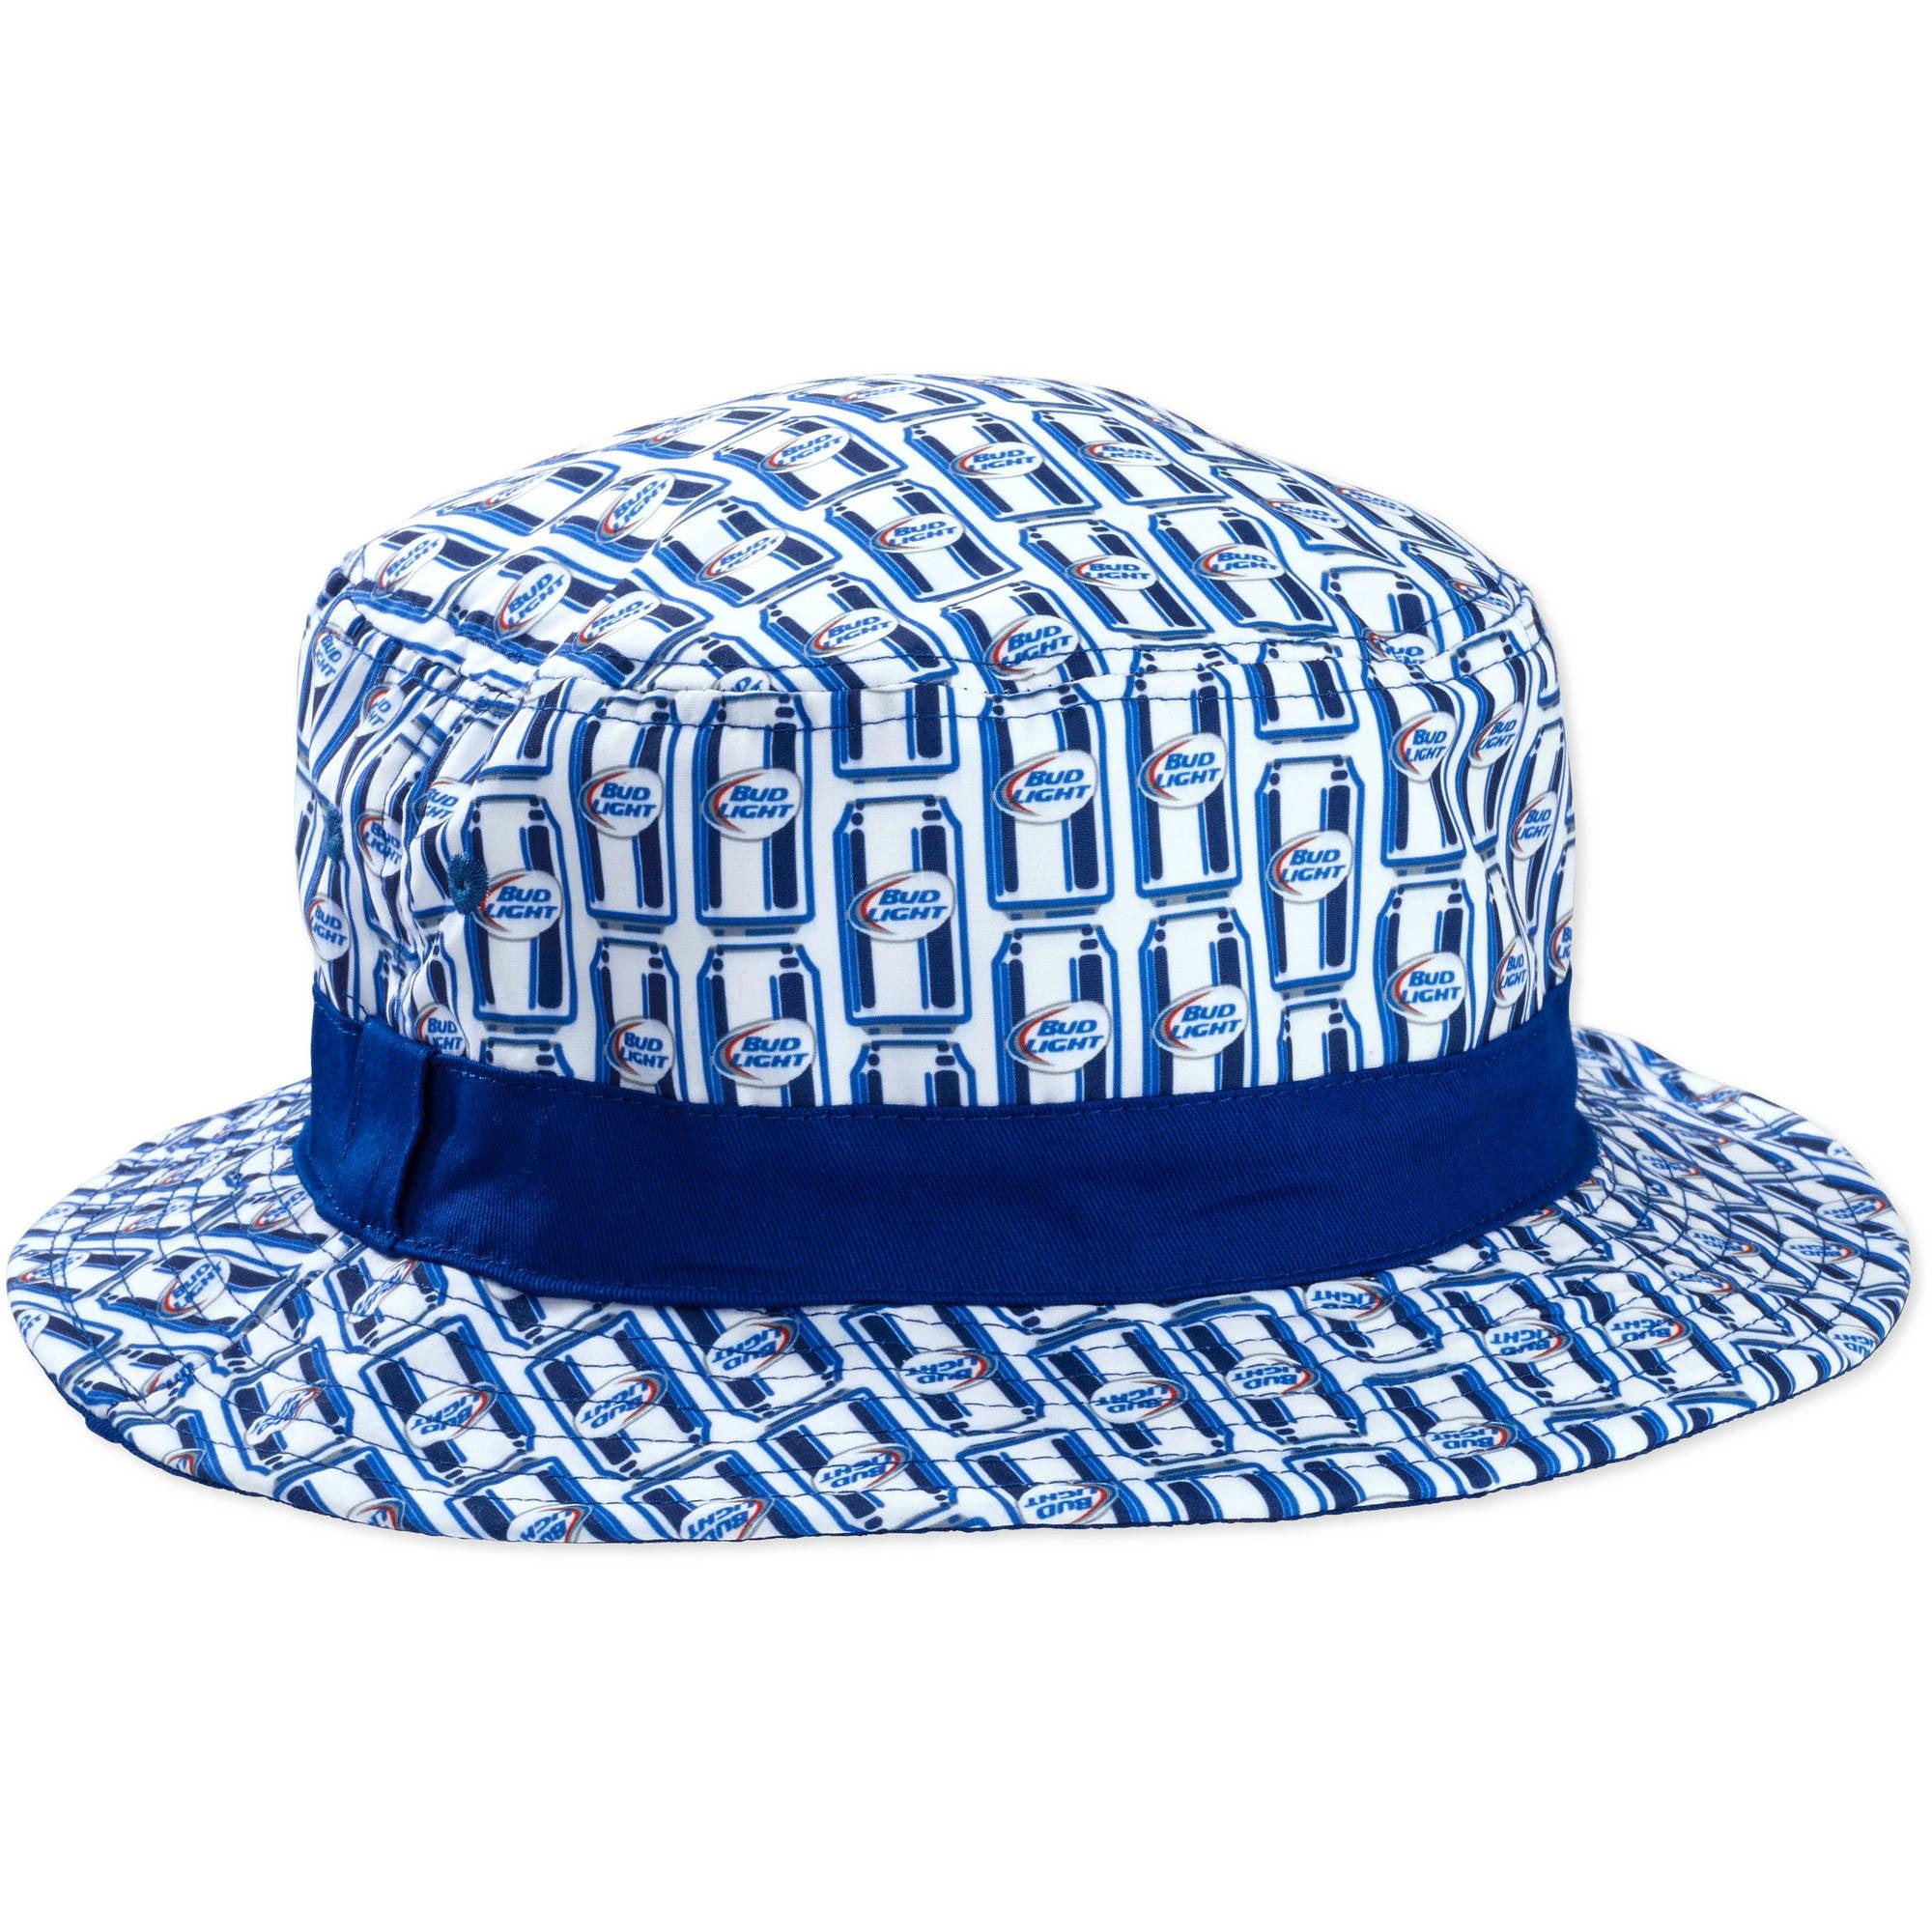 Menu0027s Bud Light Bucket Hat   Walmart.com Pictures